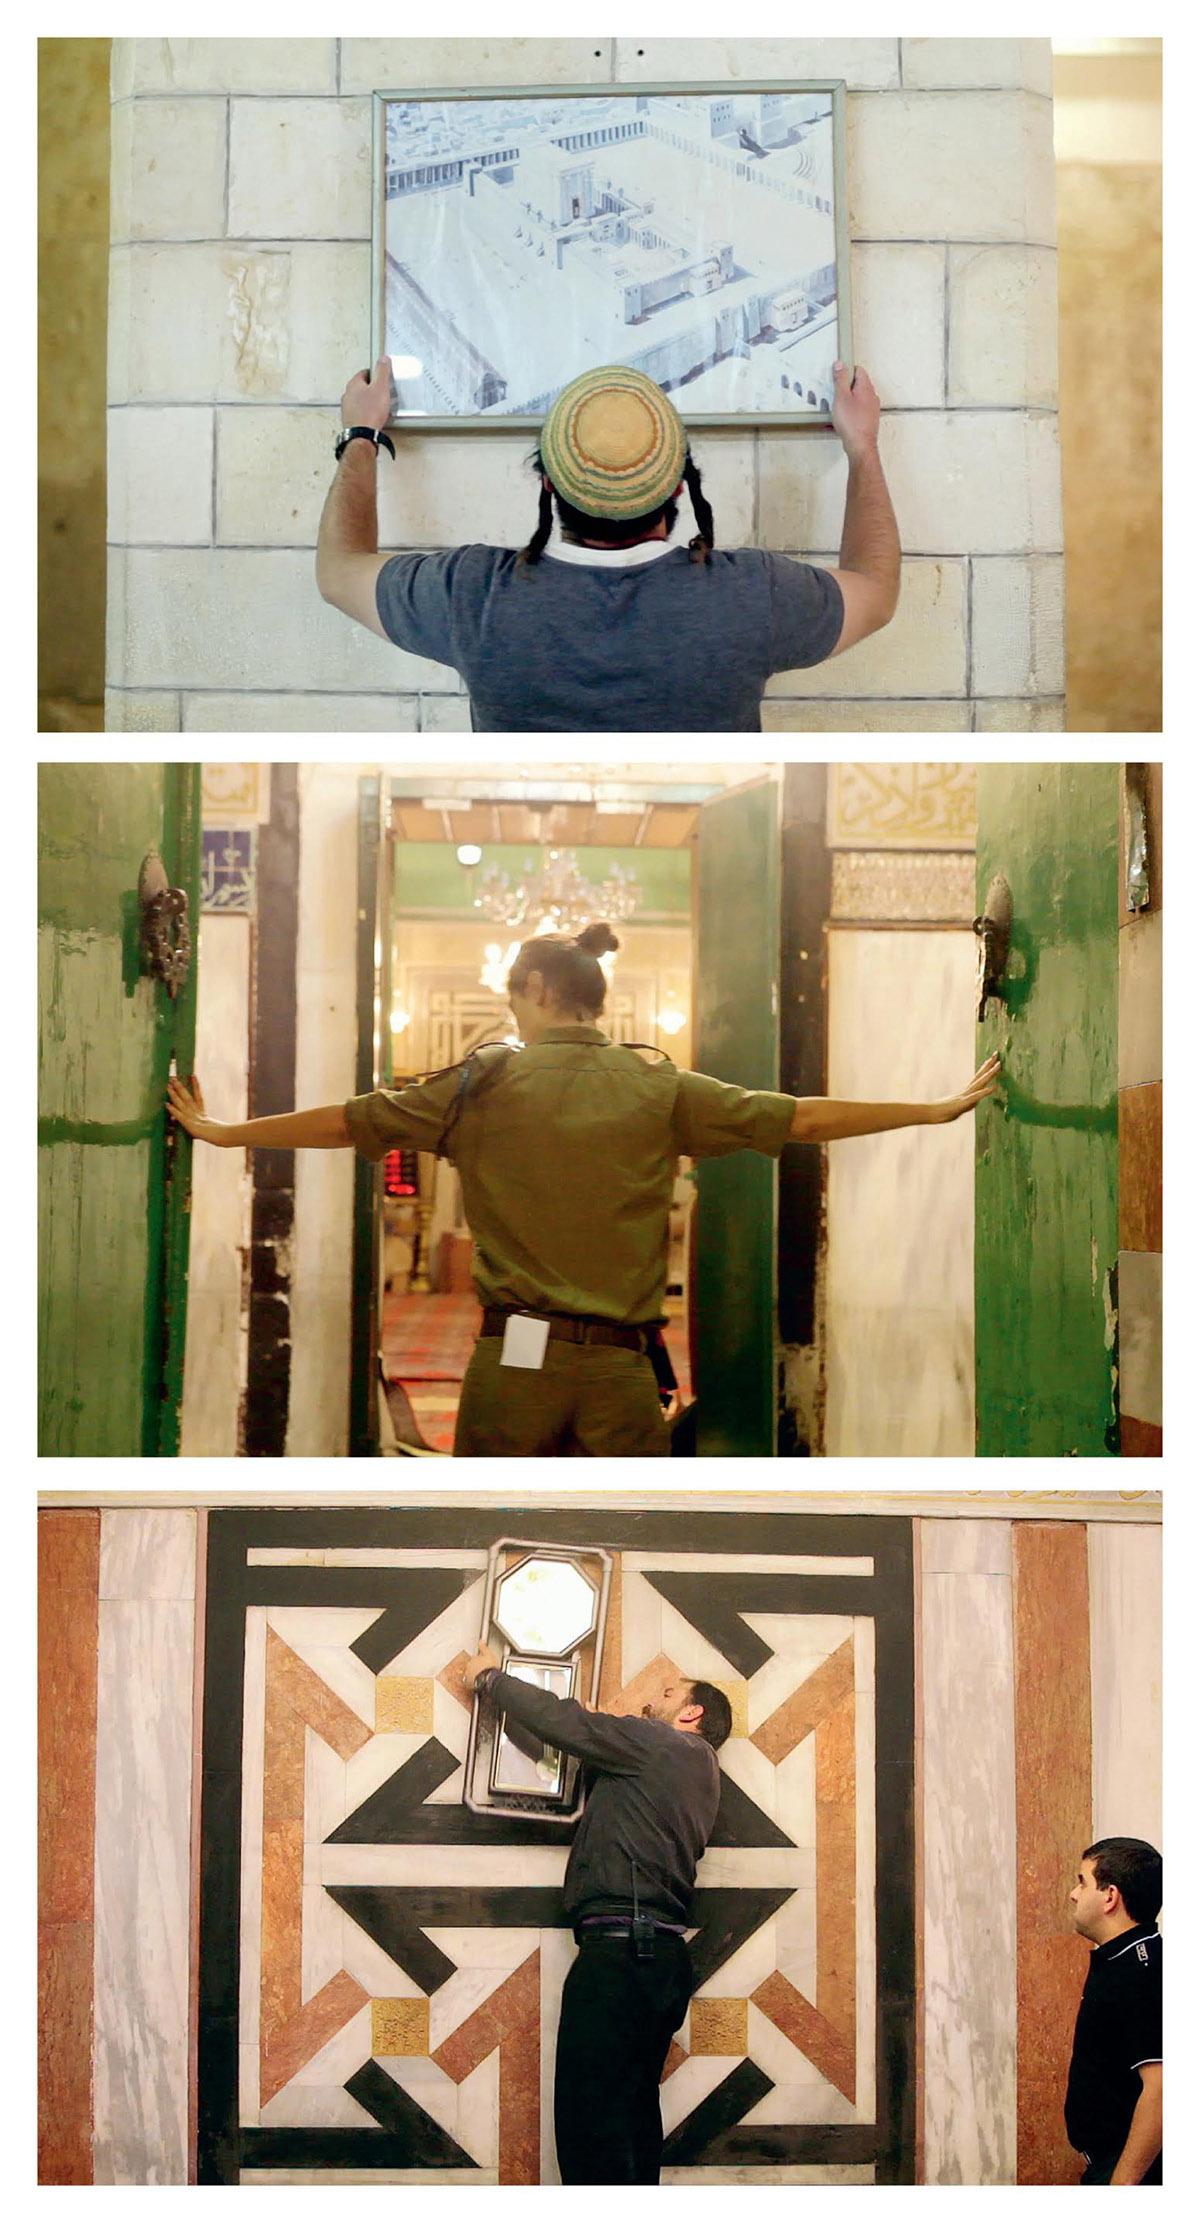 nira-pereg-abraham-abraham-sarah-sarah-2012-video-still-courtesy-of-the-artist